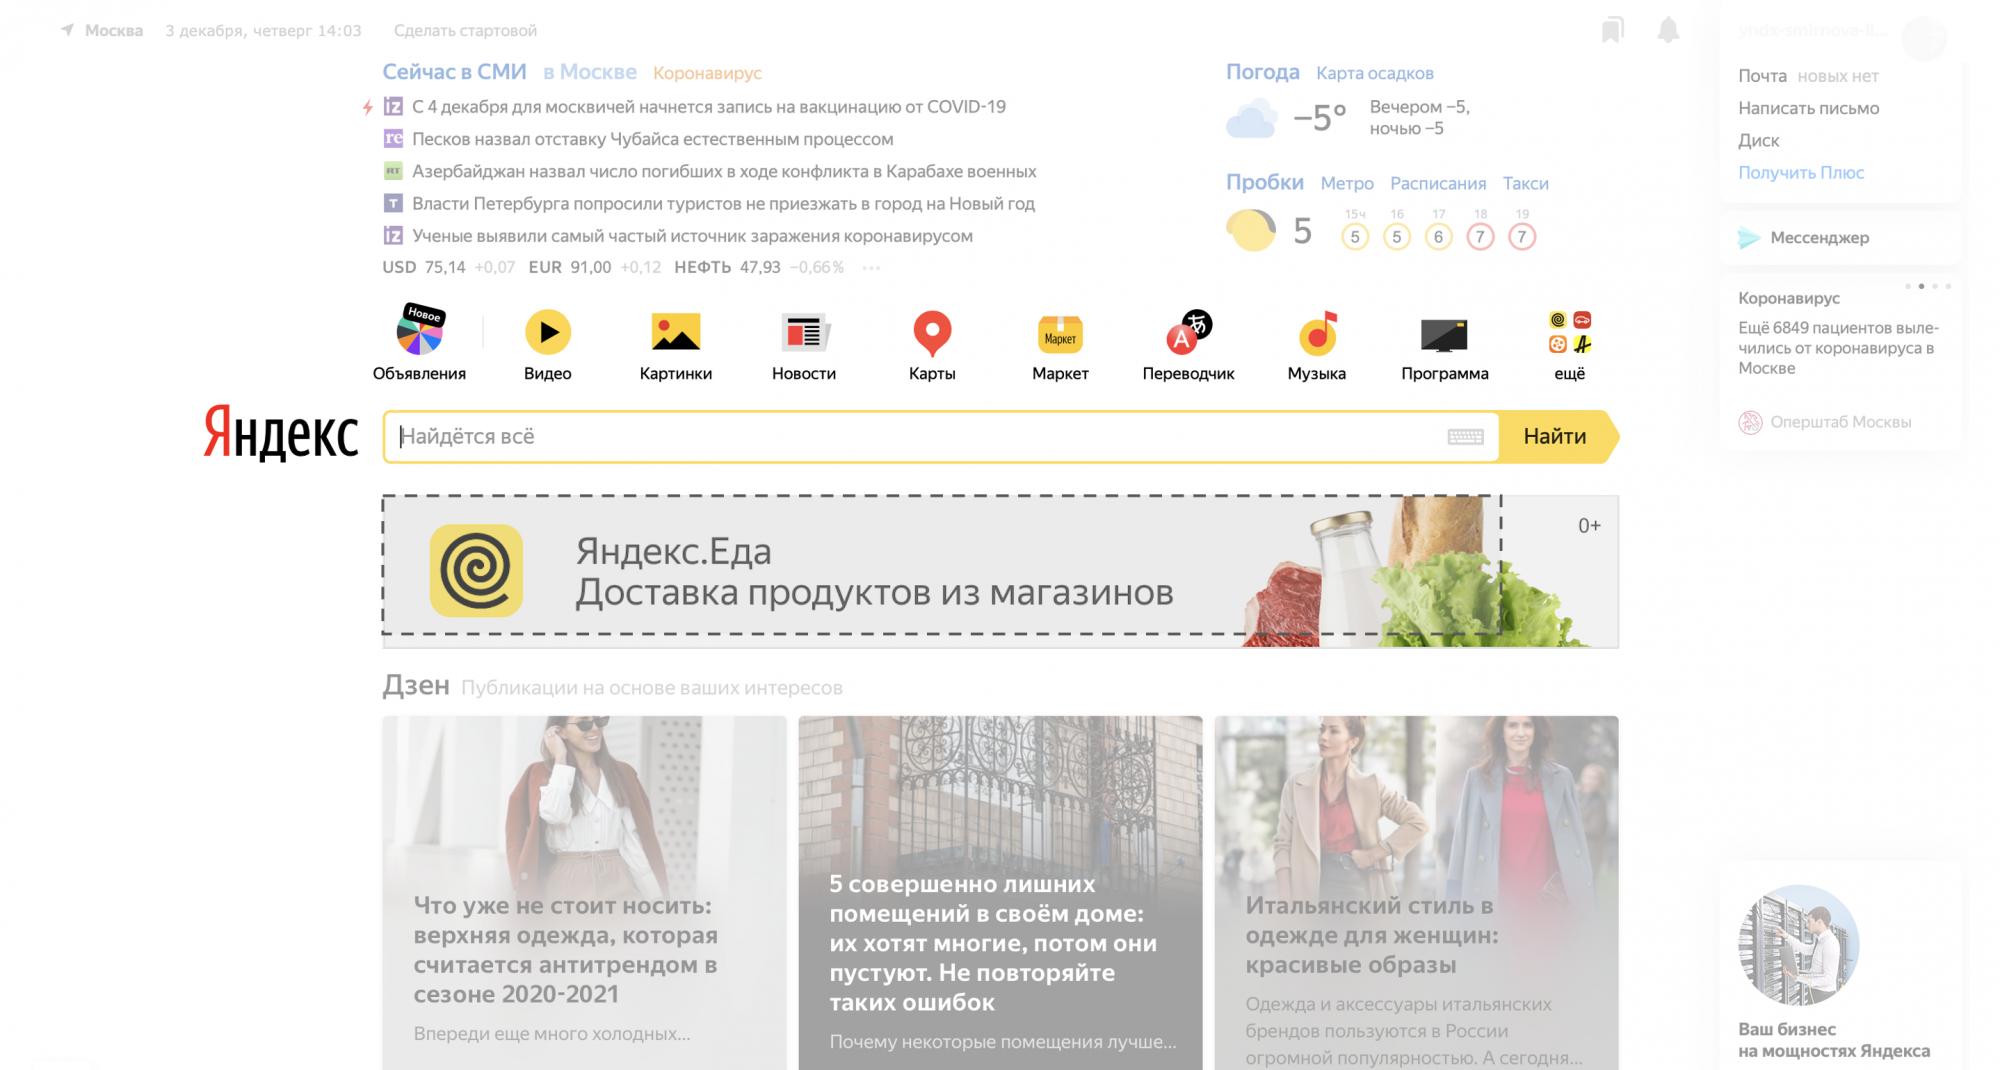 Яндекс увеличил баннер на Главной странице и запустил скидки